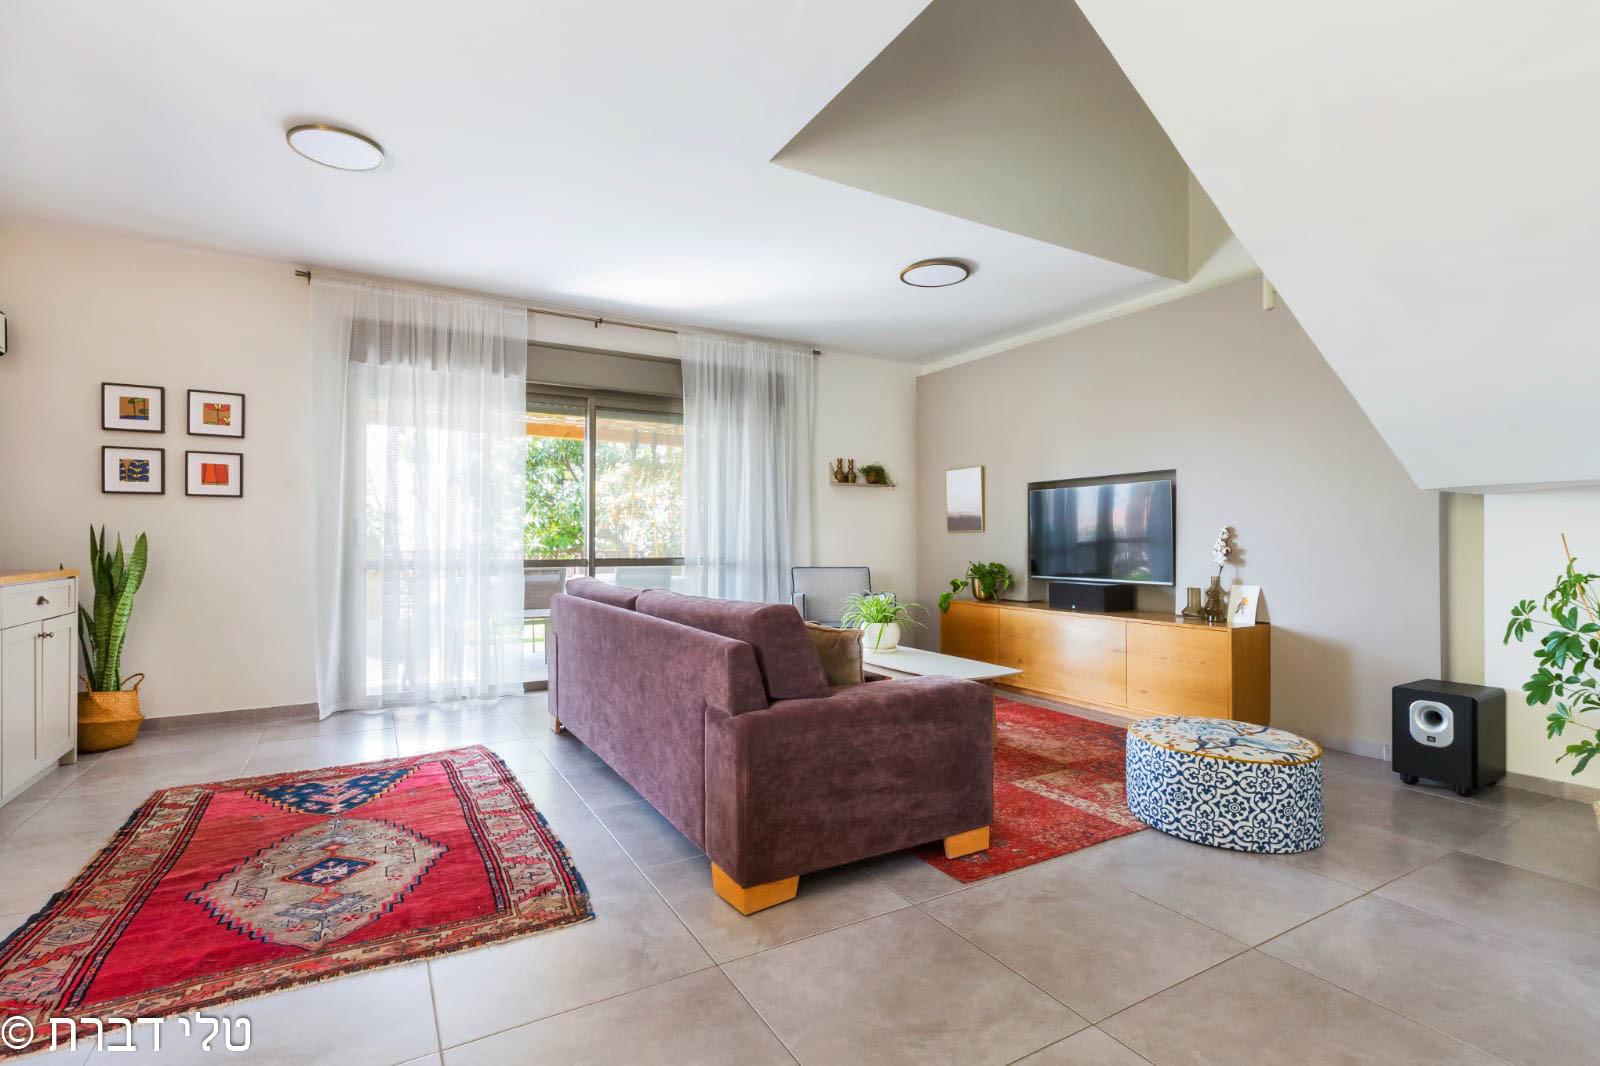 דירת גן דופלקס חלומית למכירה בצור יצחק